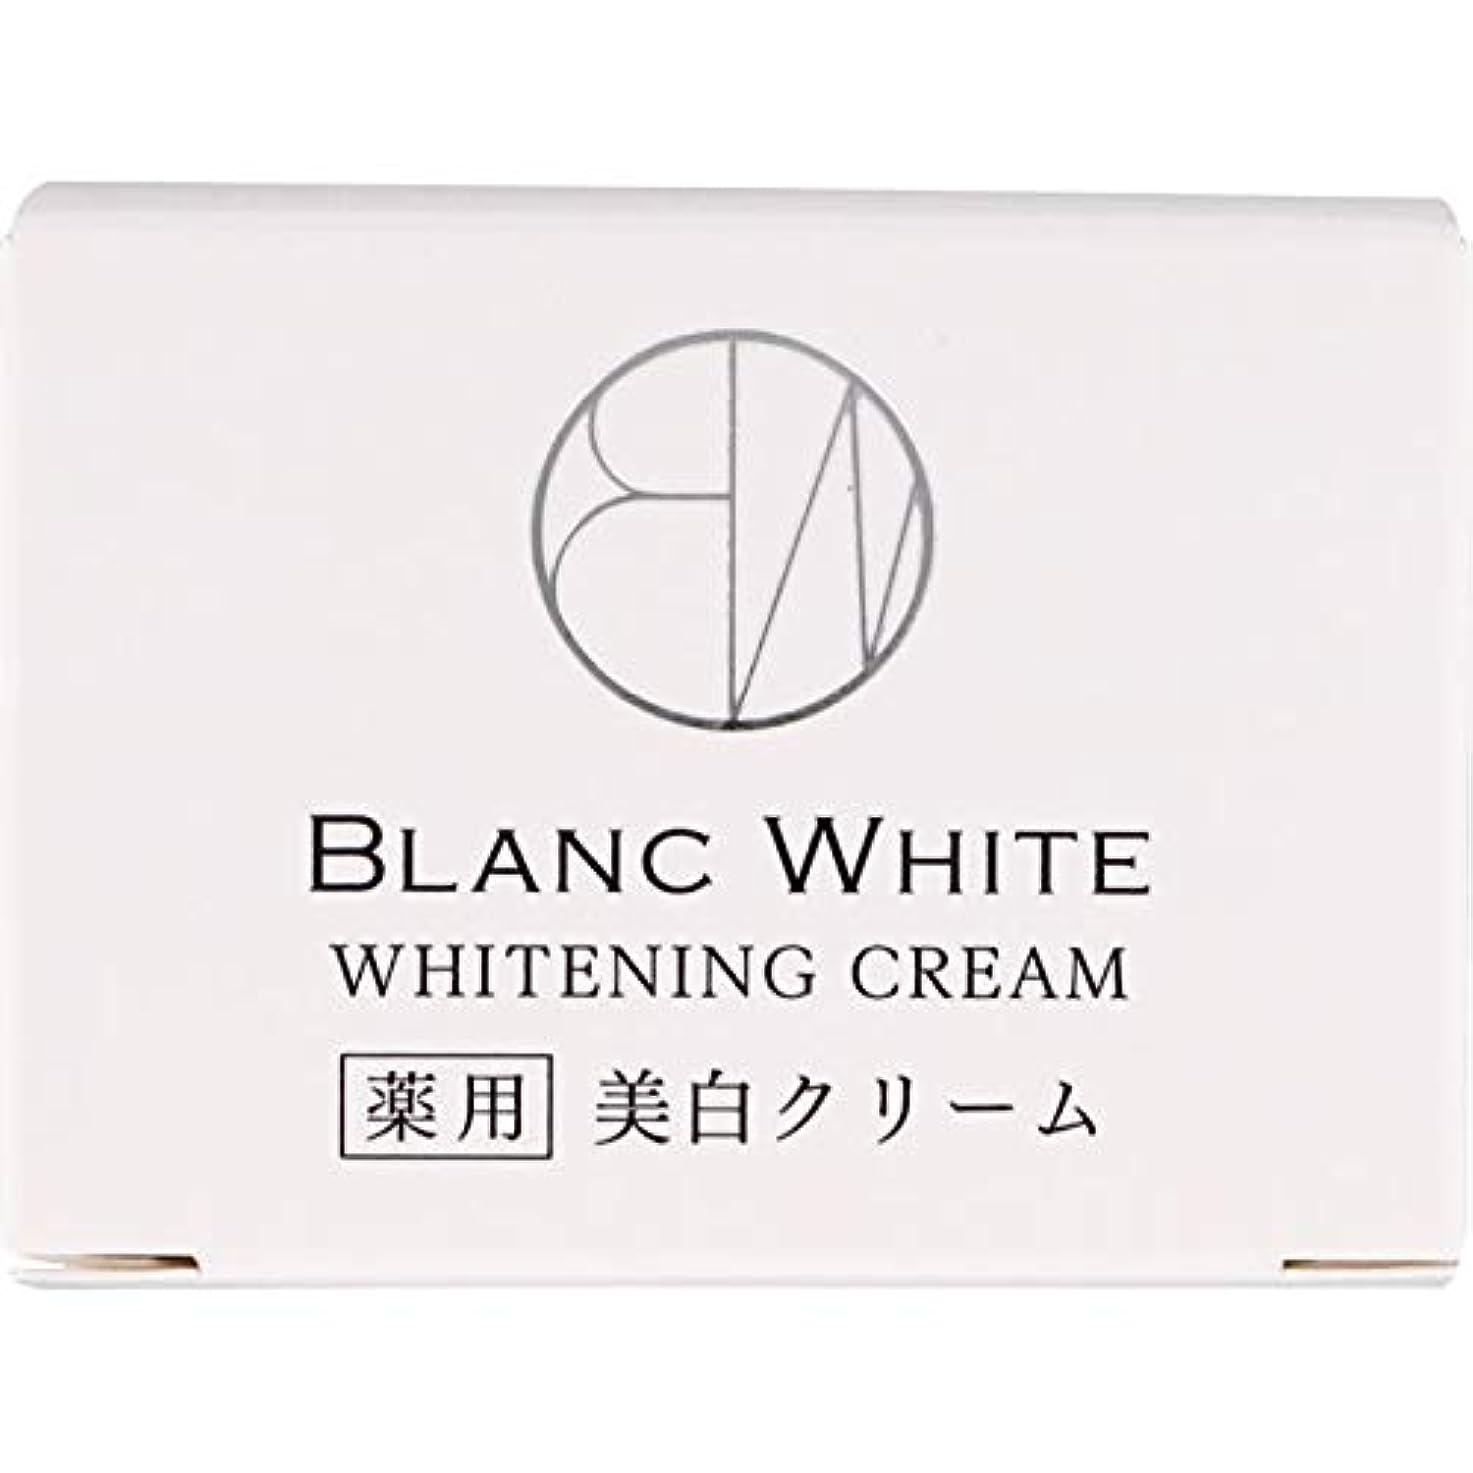 おもてなし首相水っぽいブランホワイト ホワイトニング クリーム 45g